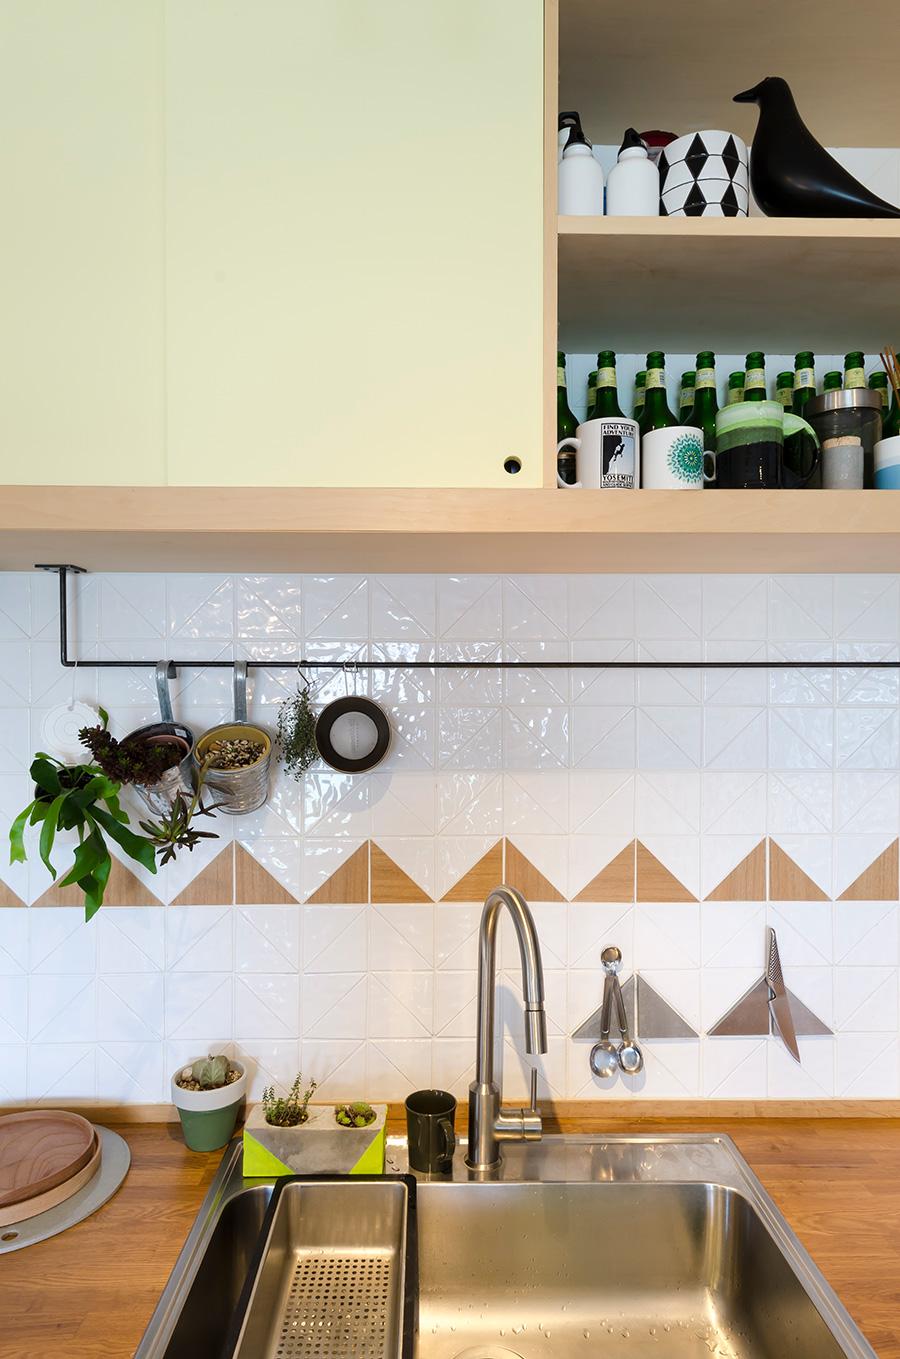 三角形の白いタイルと三角形の木材でつくったのは、夫妻が好きな山の模様。